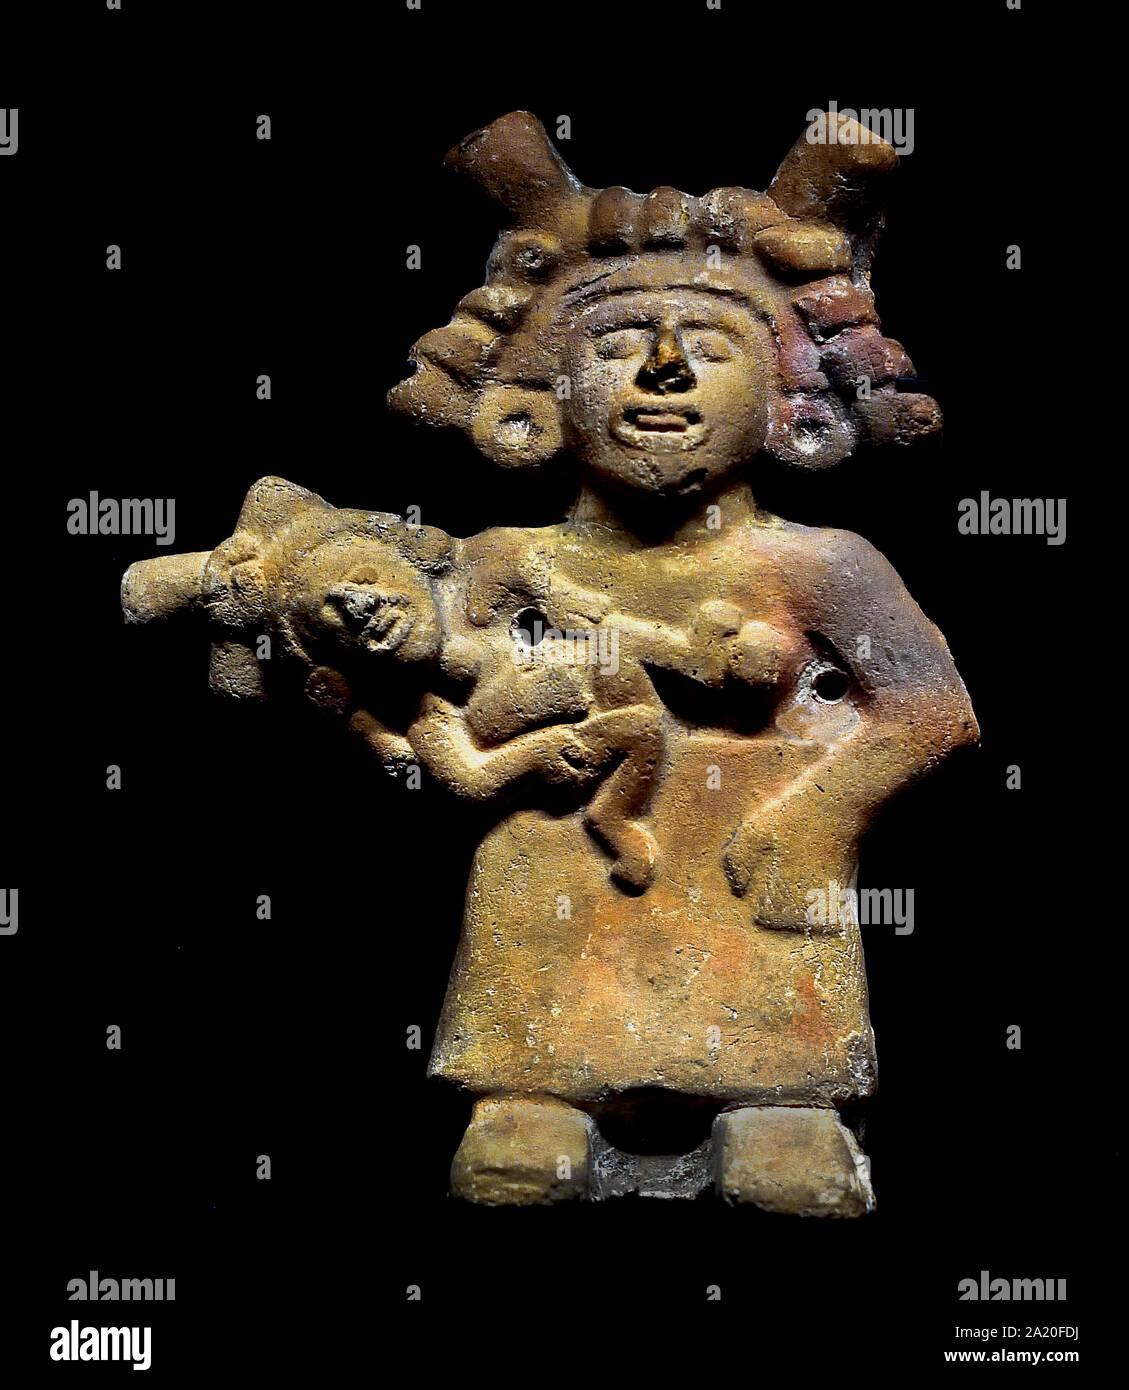 Chicoatl Diosa De La Fertilidad Los Aztecas La Cultura Mesoamericana En La Región Central De México Post Clásico De 300 A 1521 America American Fotografía De Stock Alamy